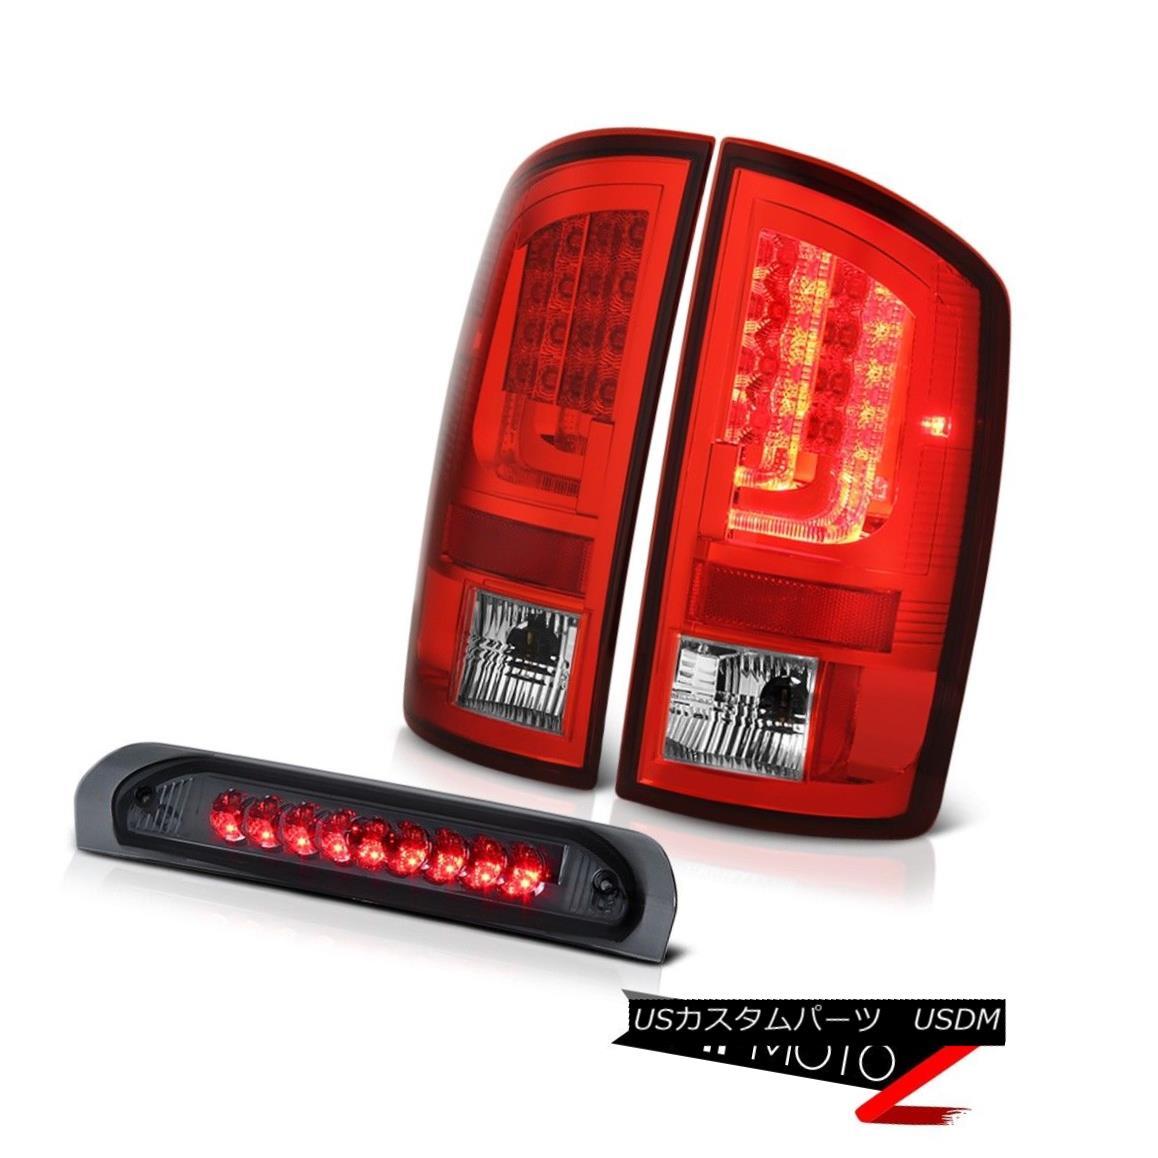 テールライト 02-06 Ram 1500 2500 3500 SRT-10 Bloody Red Rear Brake Lamps Smokey 3RD Light LED 02-06 Ram 1500 2500 3500 SRT-10ブラッディレッドリアブレーキランプスモーキー3RDライトLED